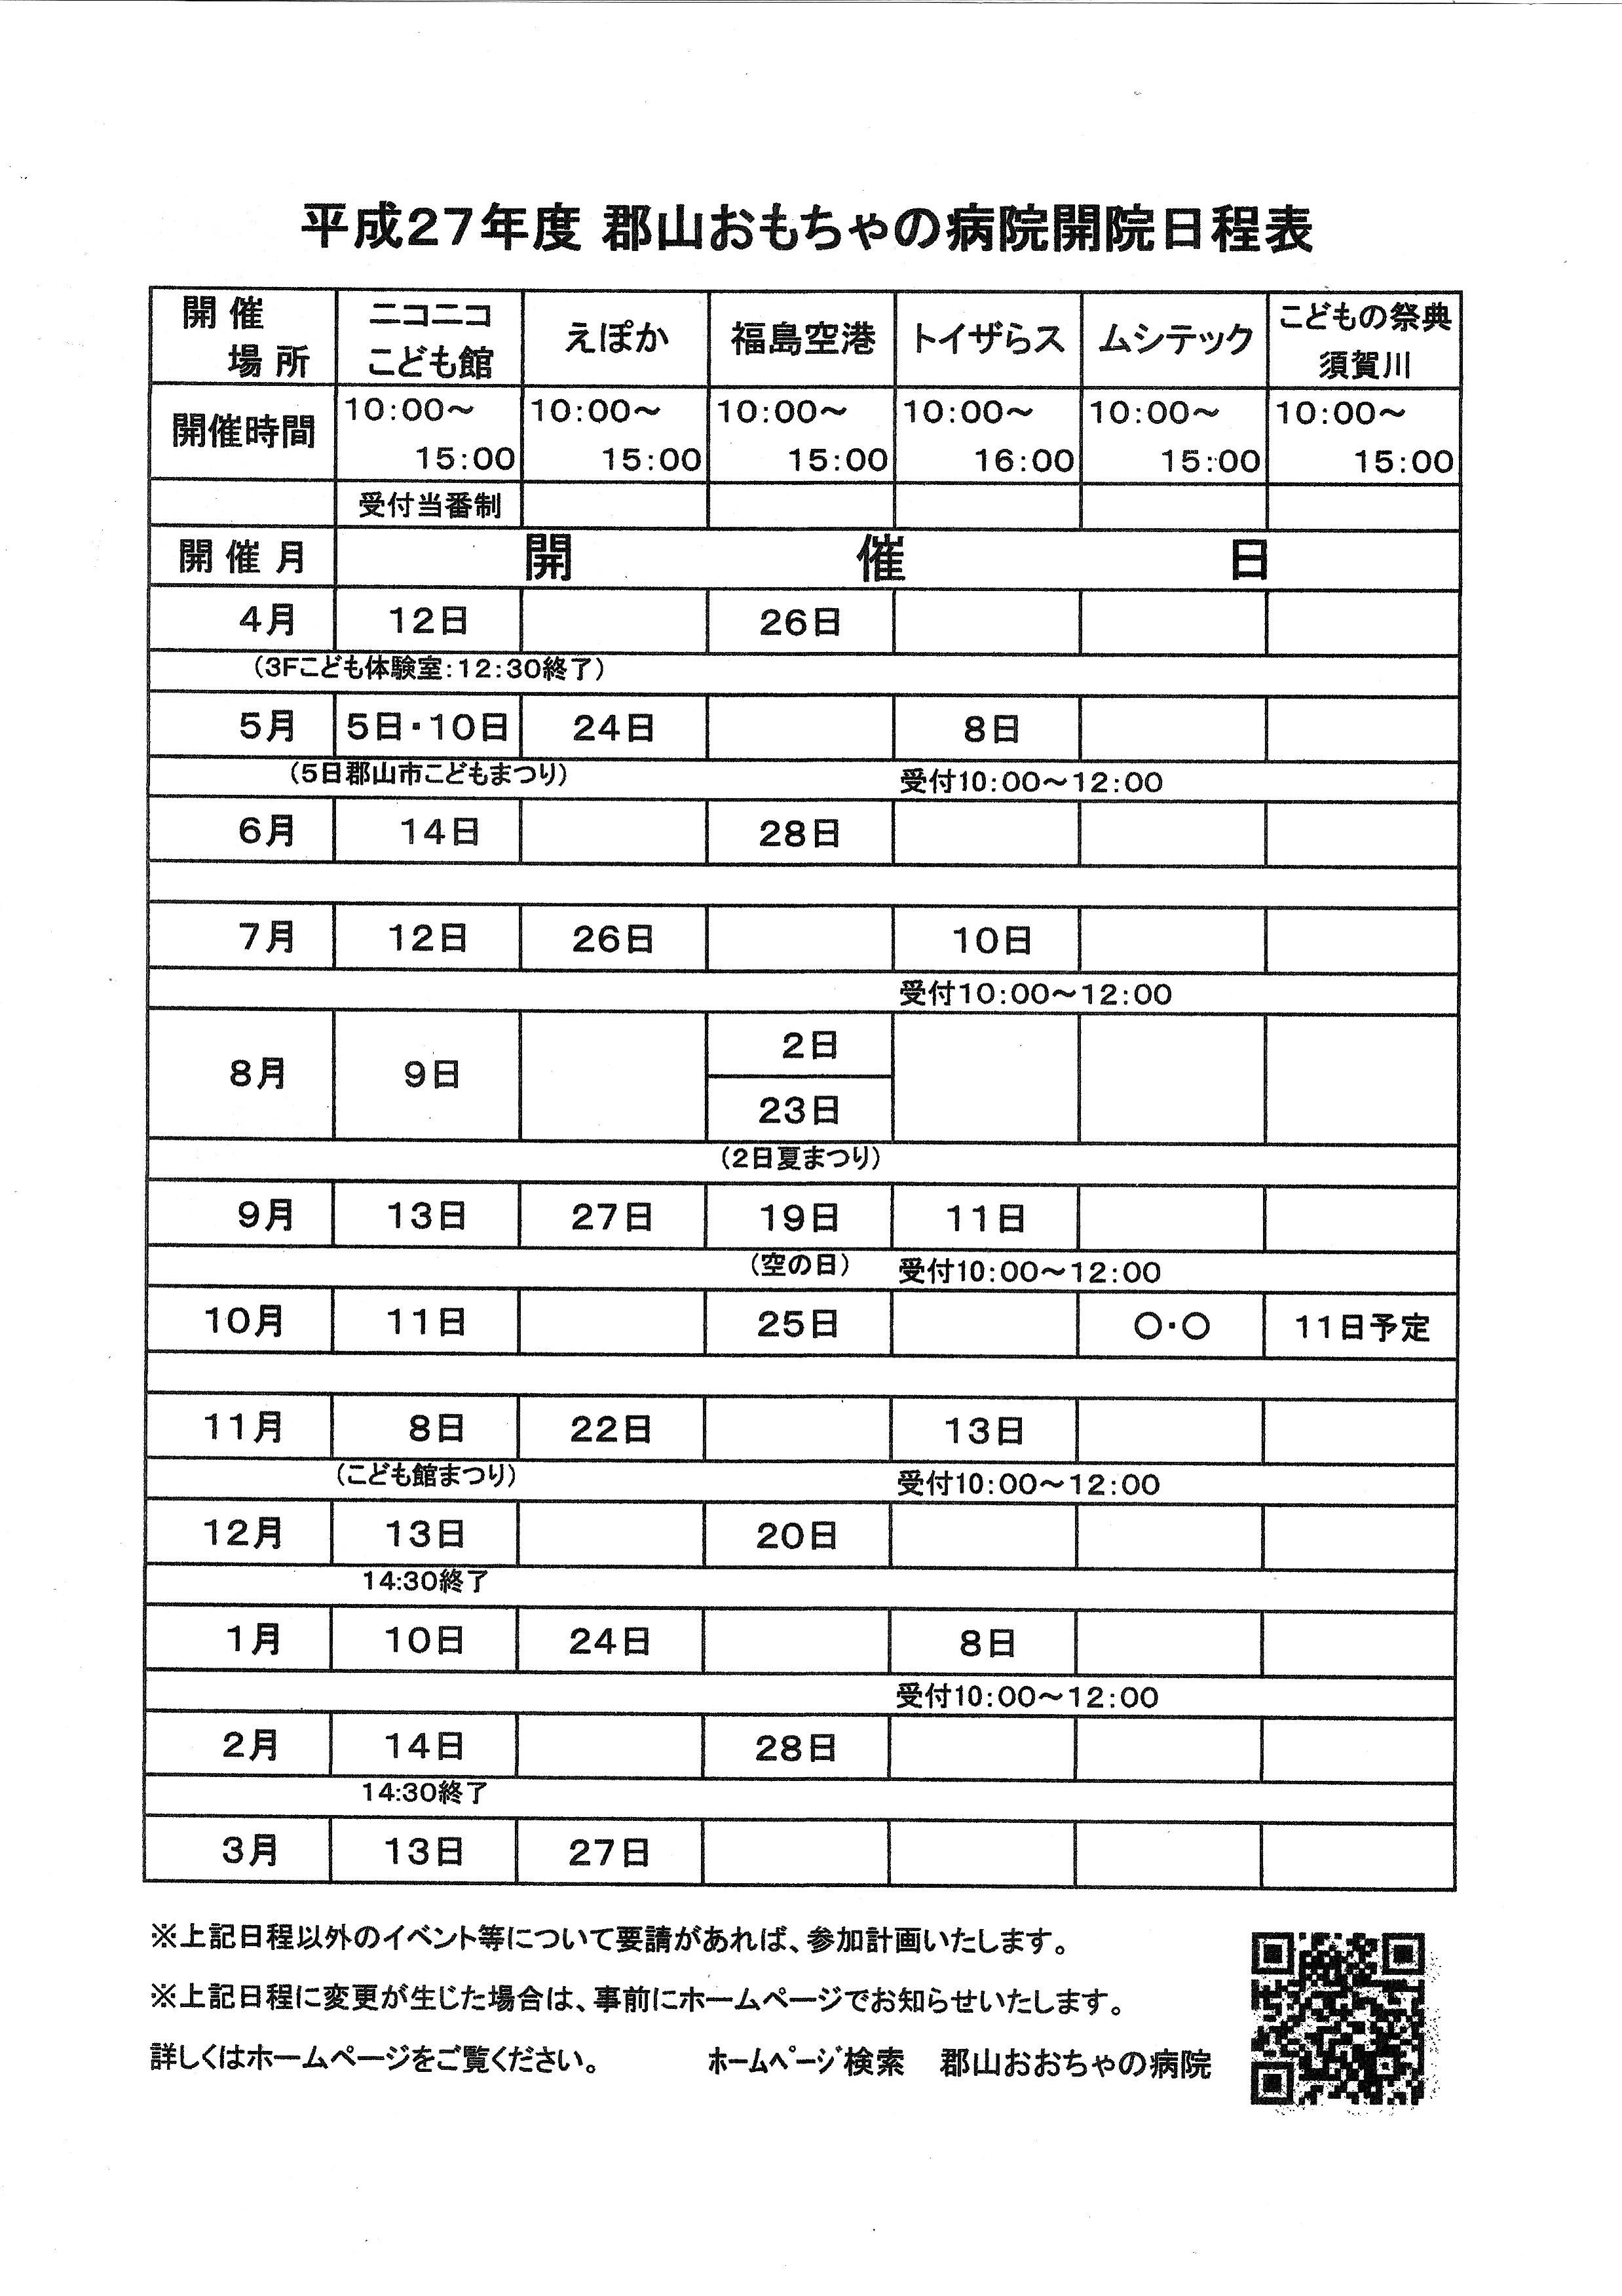 2015病院計画書